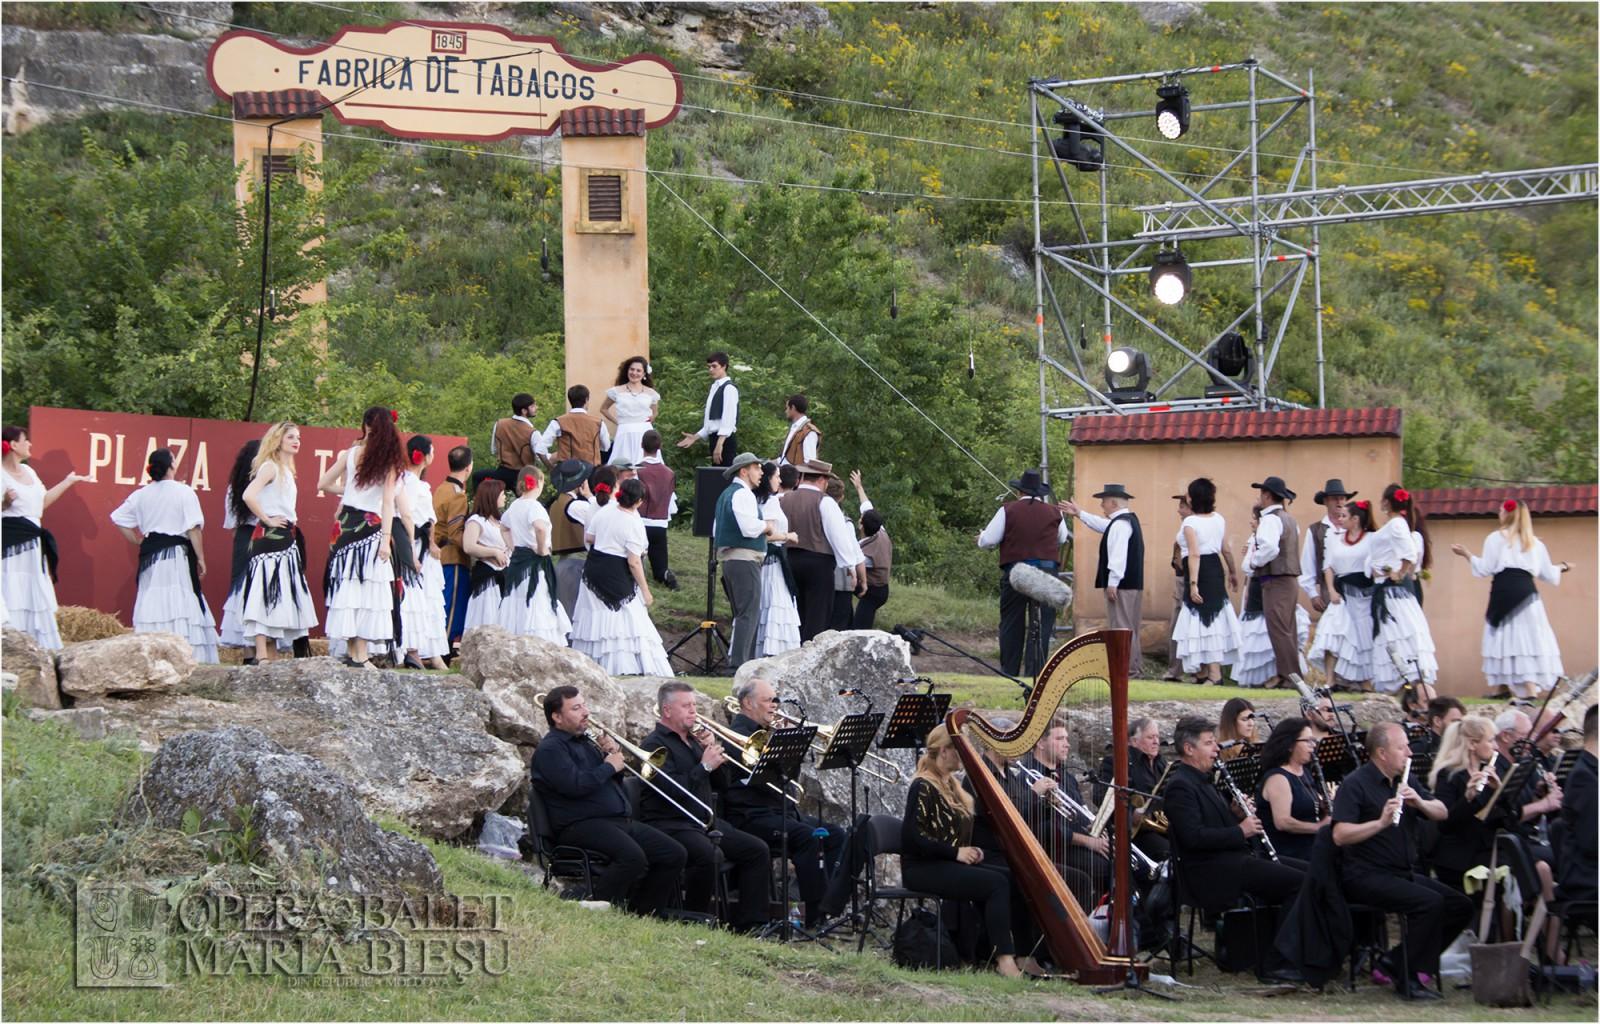 (foto) Festivalul de Muzică Clasică în aer liber DescOPERĂ revine cu cea de-a III-a ediție